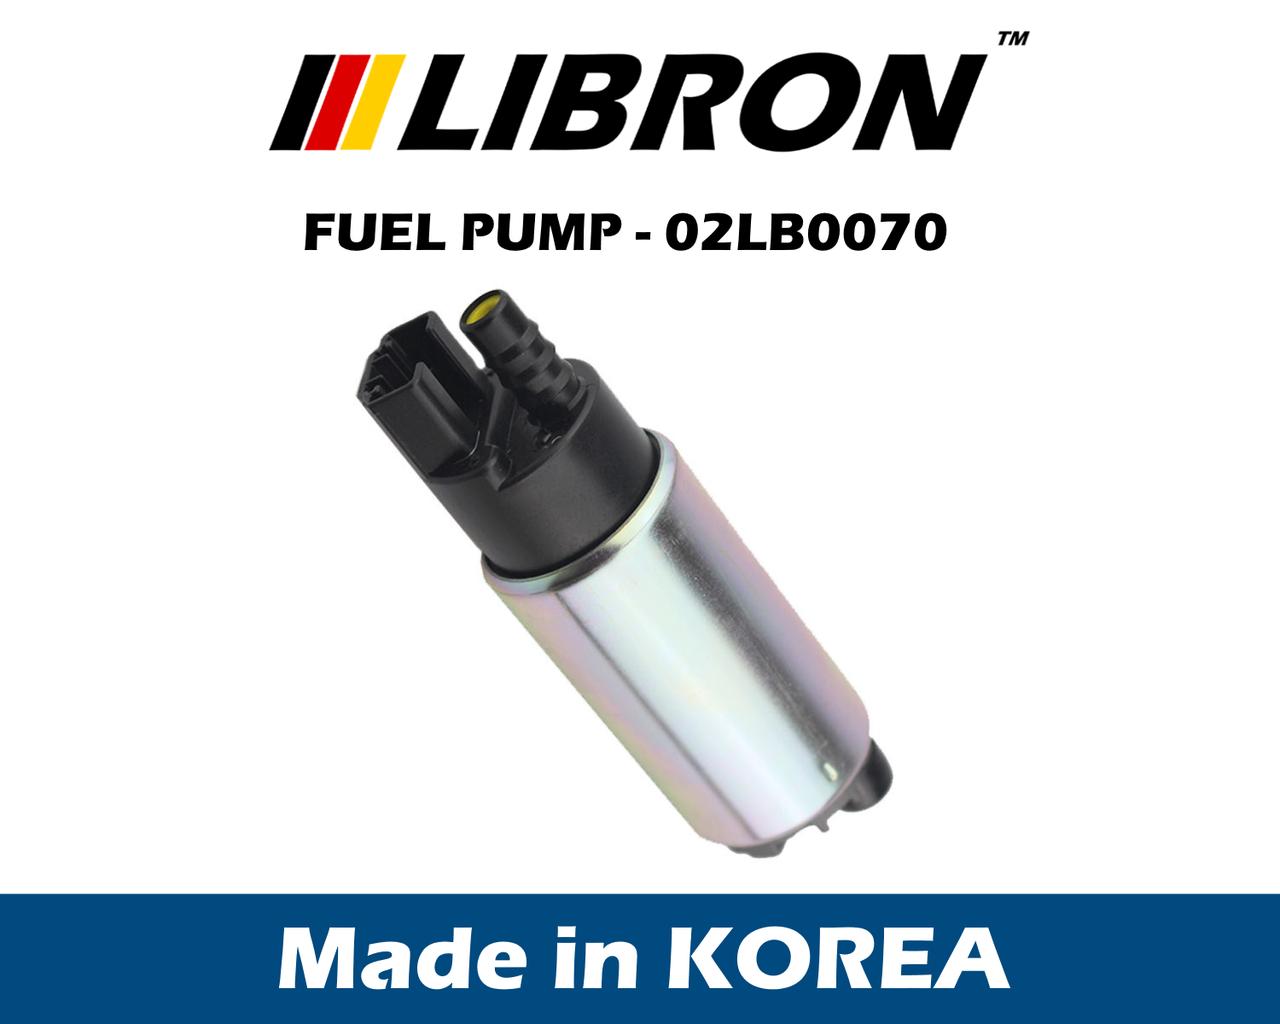 Топливный насос LIBRON 02LB0070 - JEEP WRANGLER I (1991-1996)